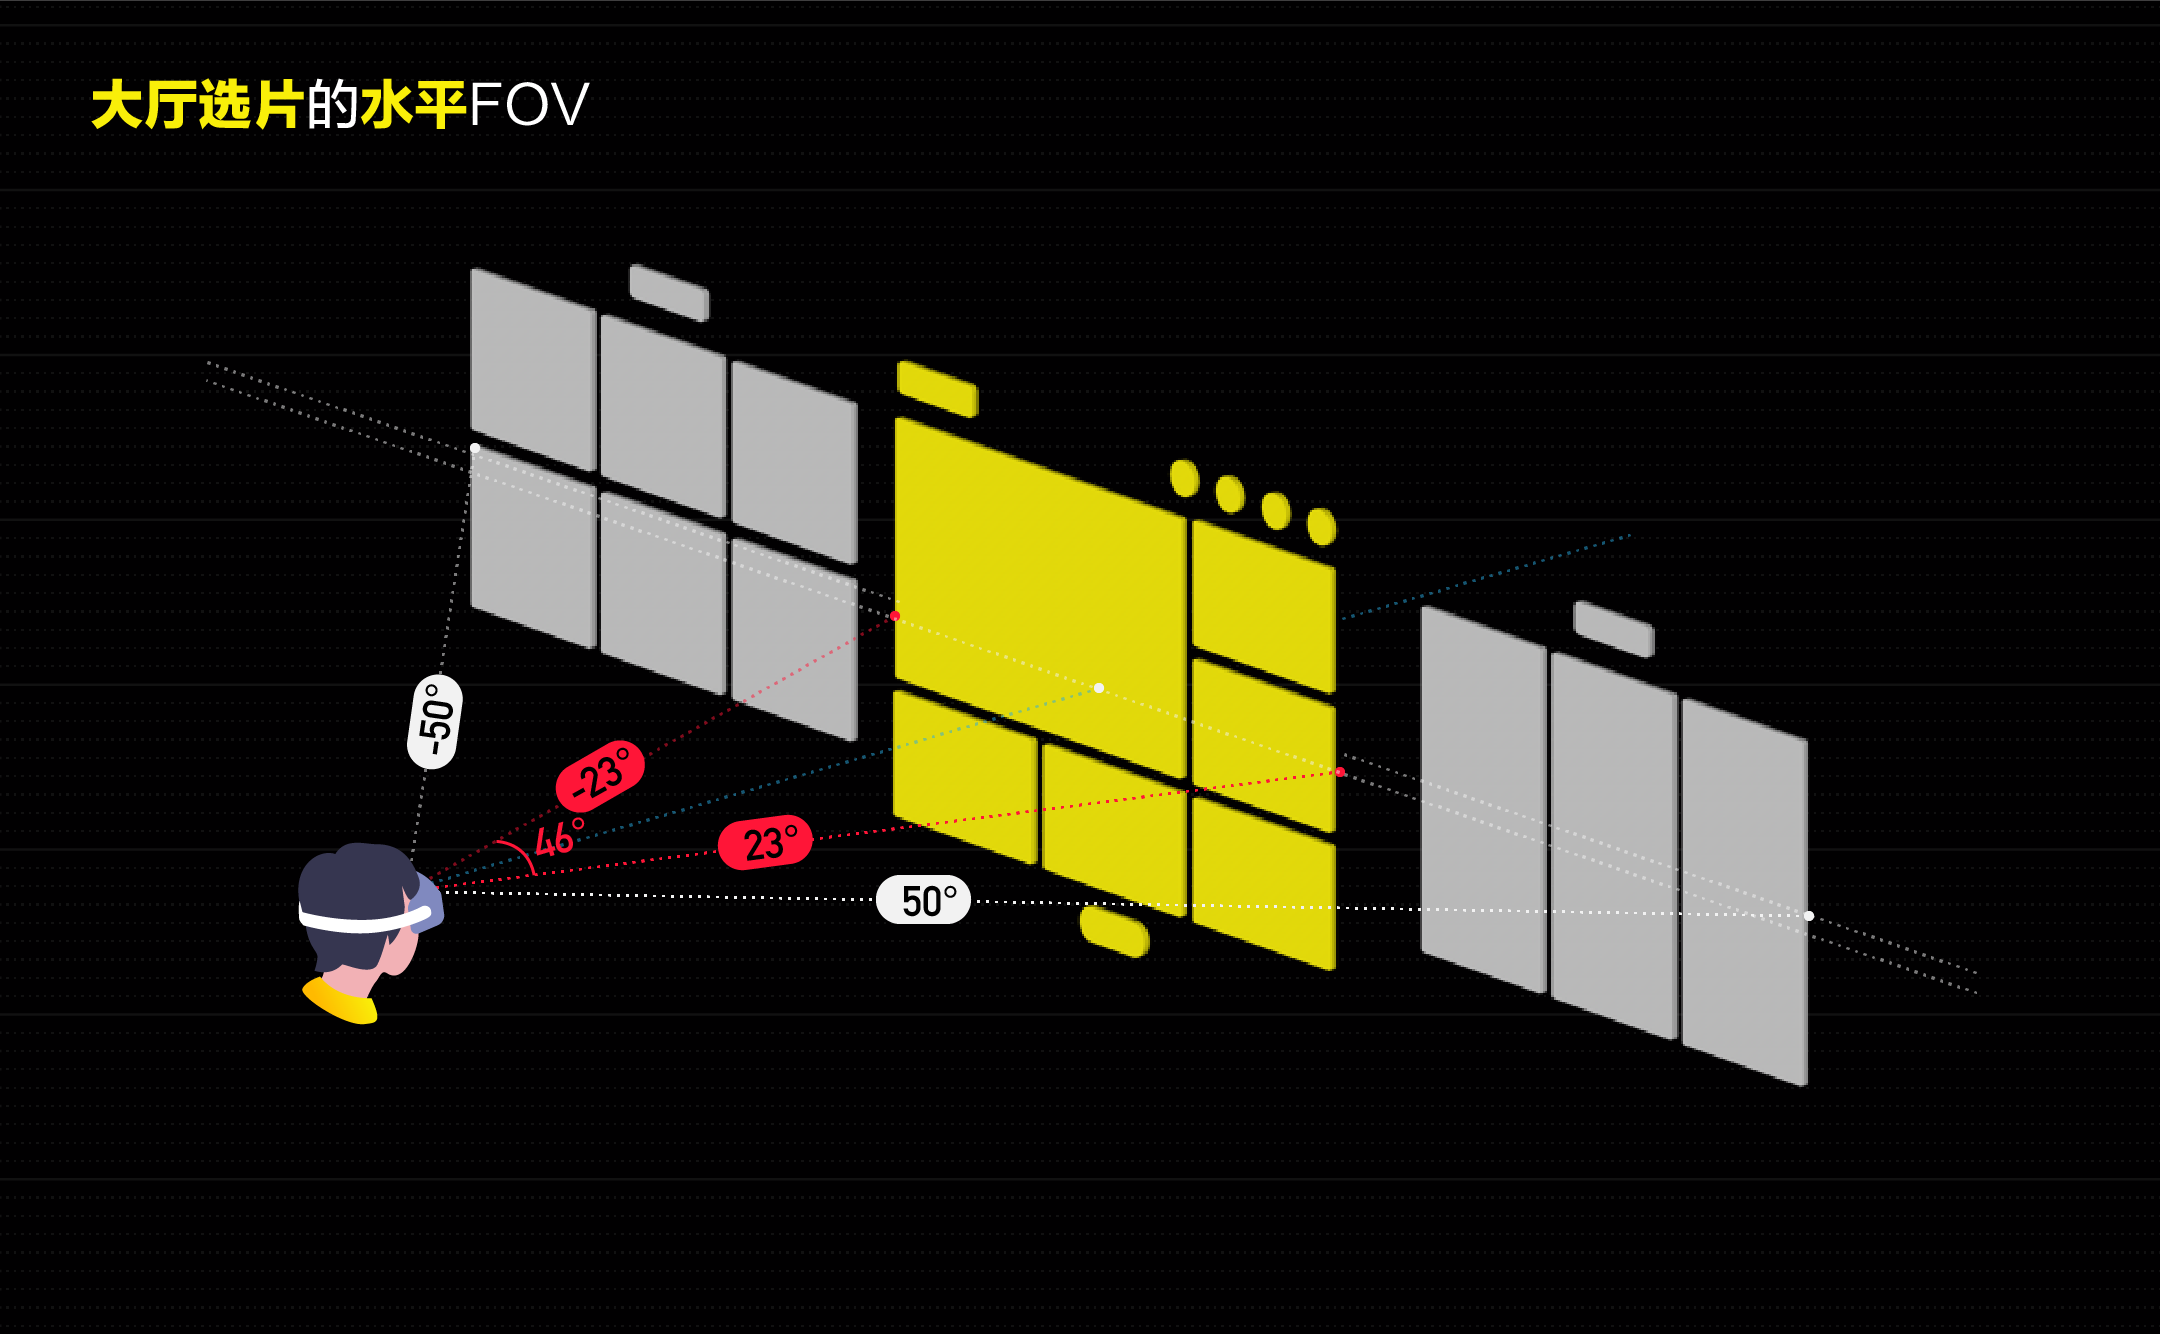 爱奇艺VR的UI是如何摆放的?——谈VR界面的空间布局